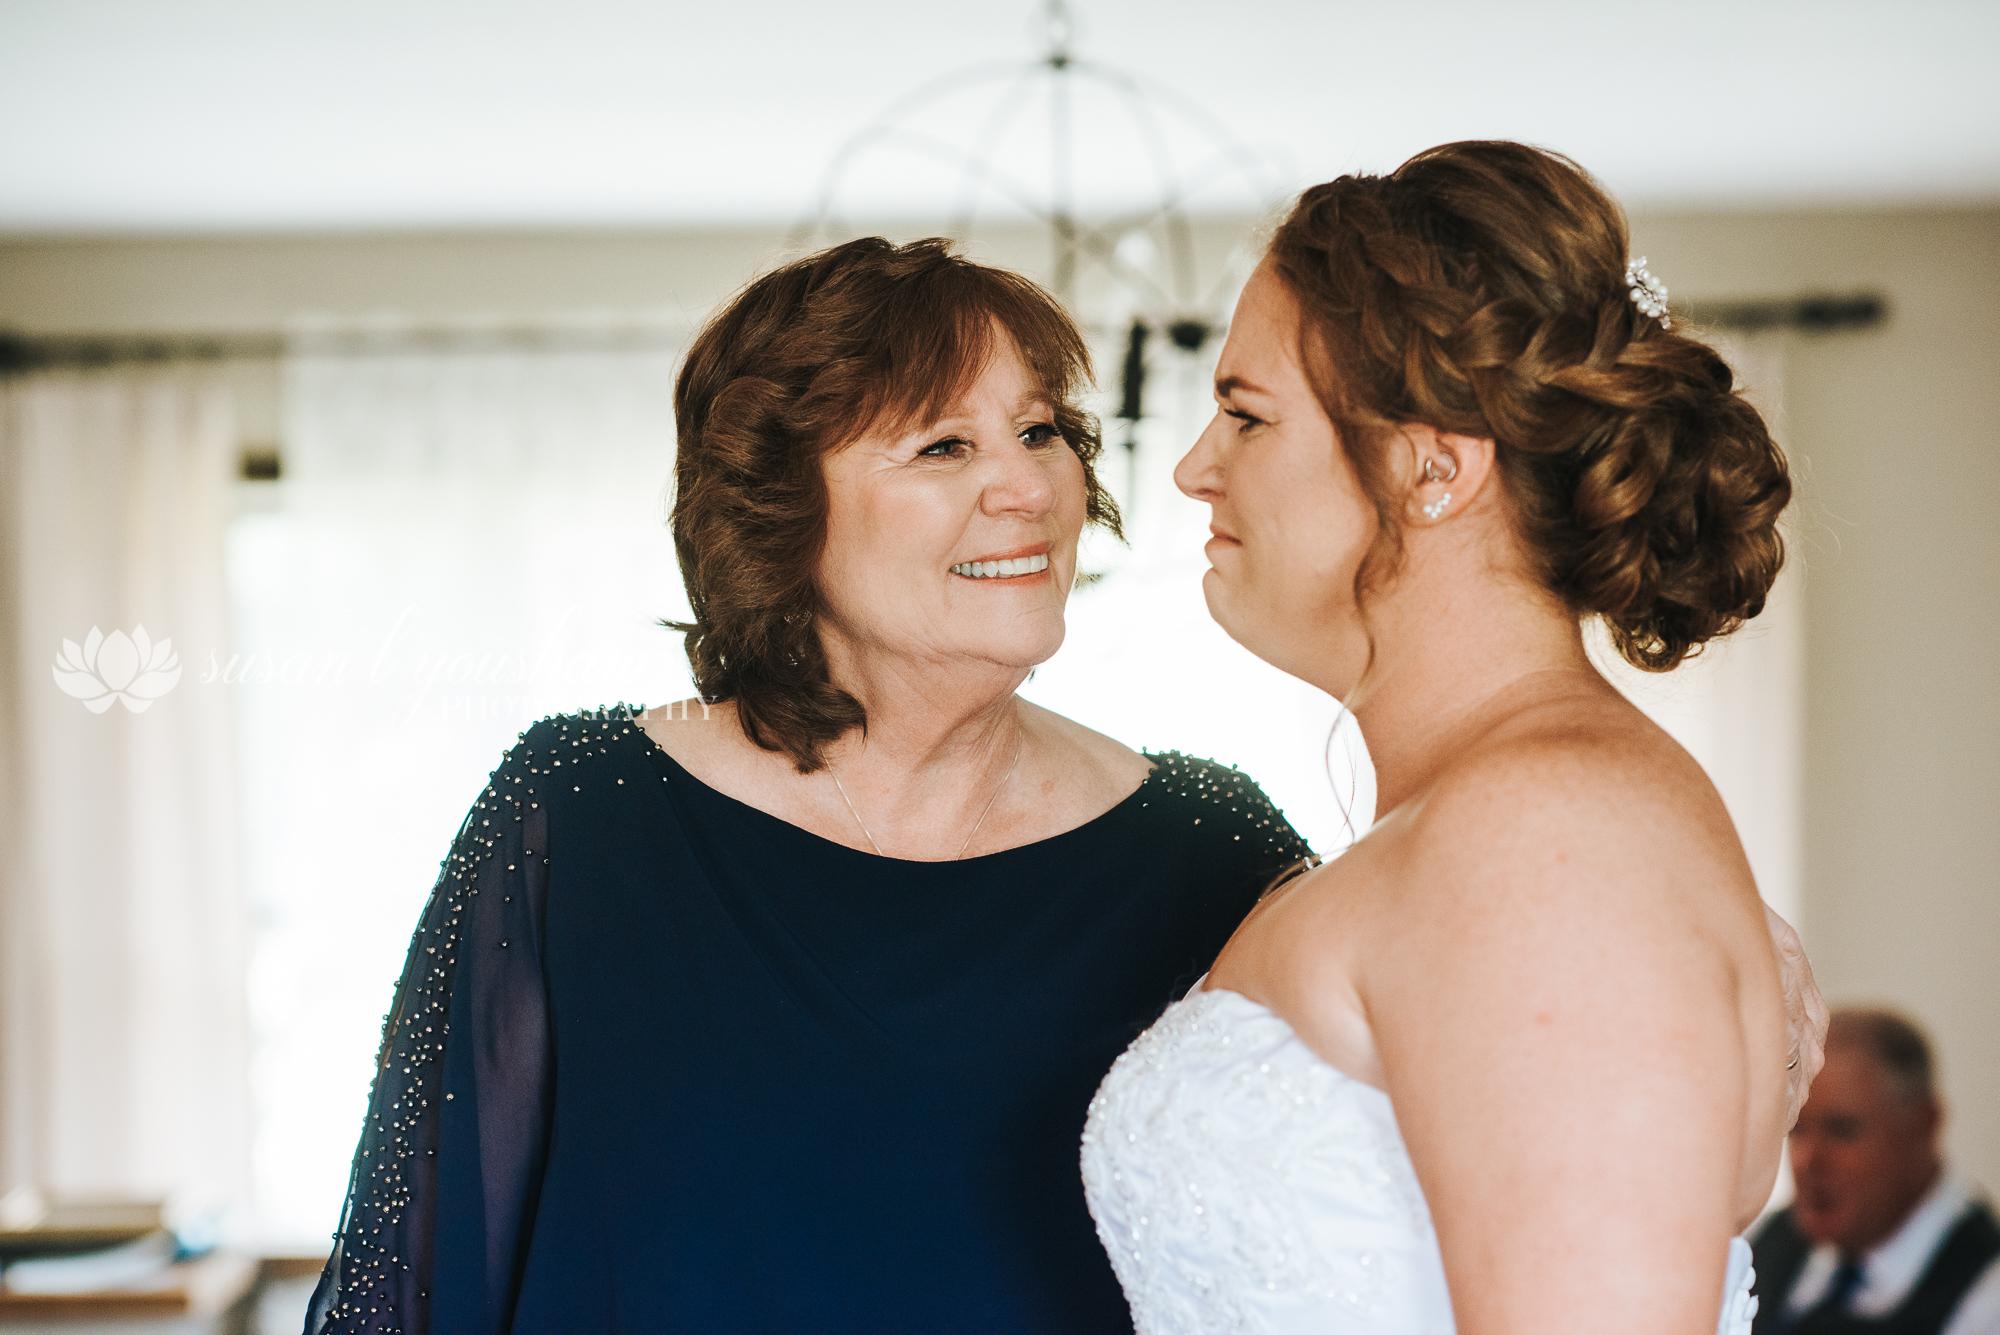 Erin and Jason Wedding Photos 07-06-2019 SLY Photography-46.jpg